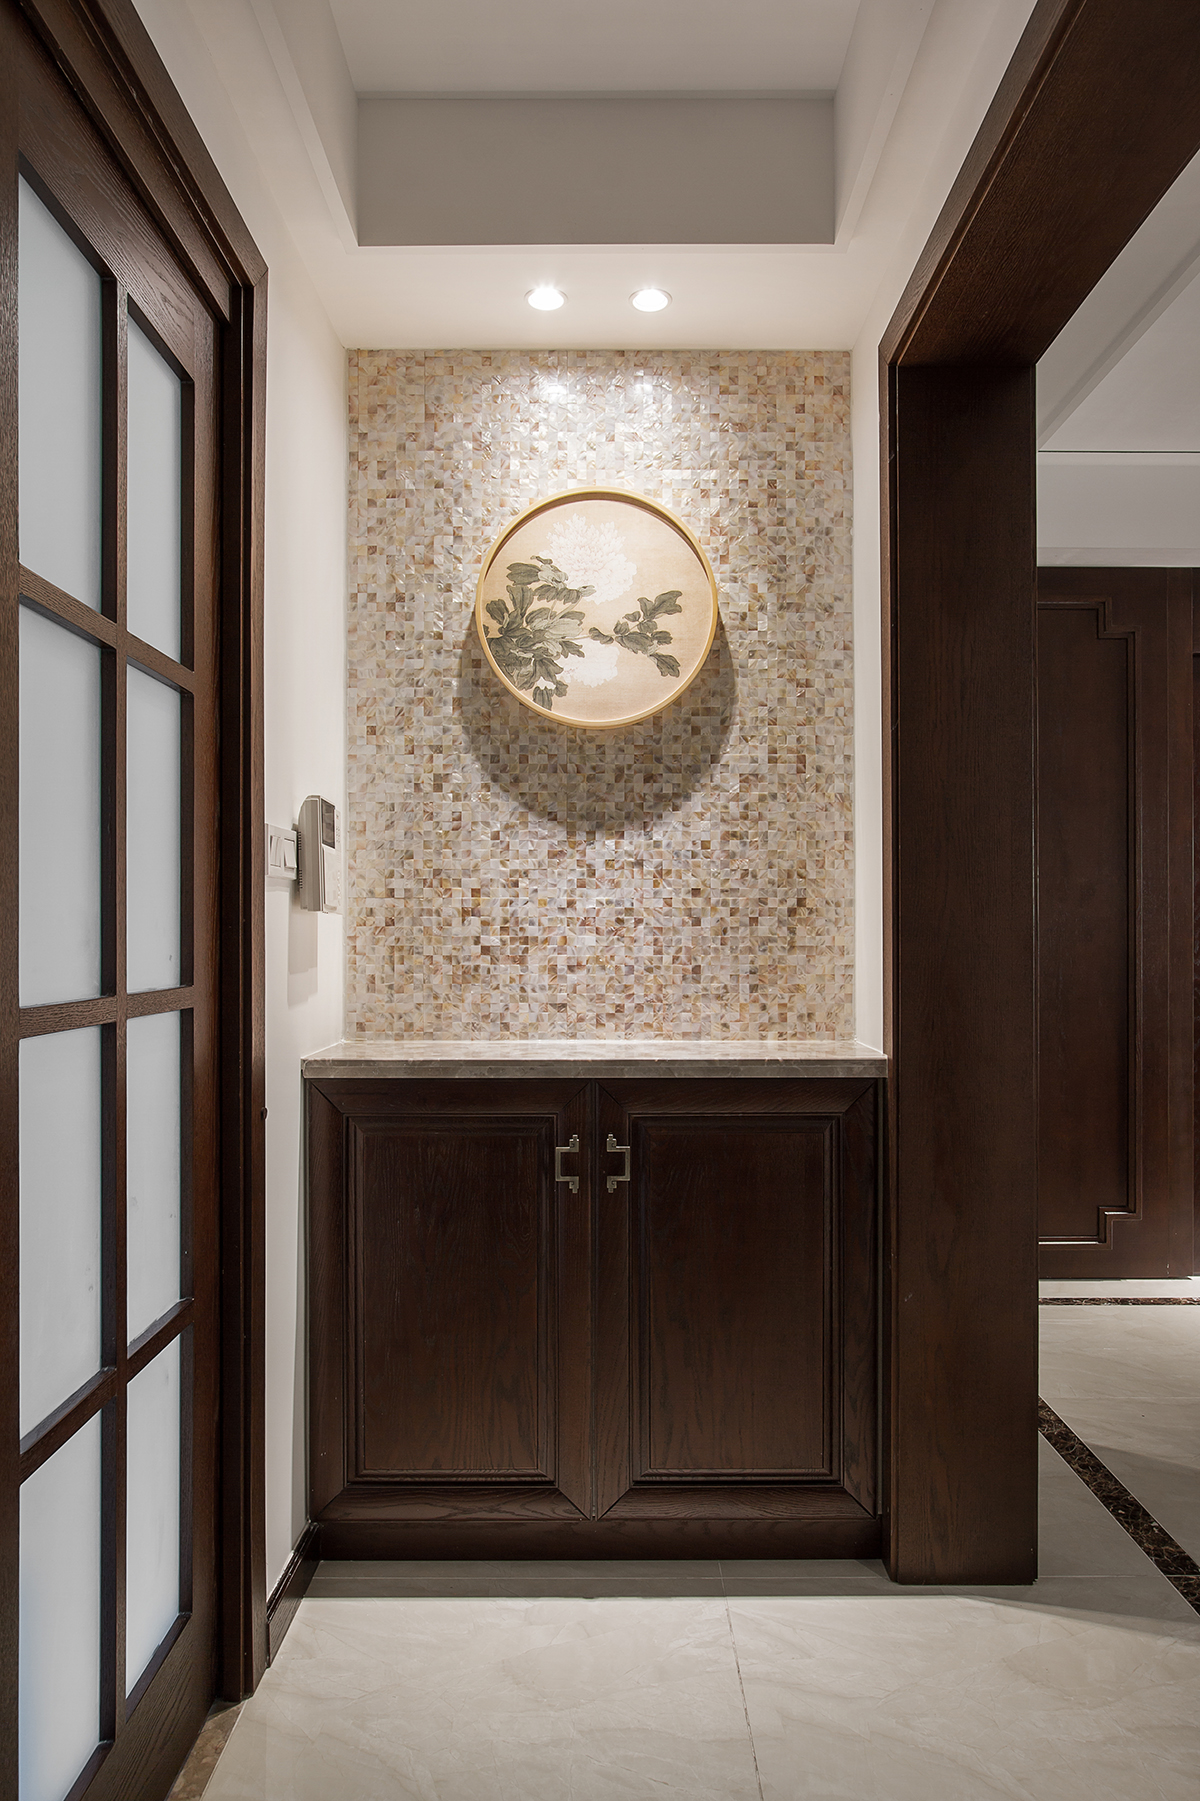 新中式风格 贝瑞设计 公寓设计 玄关图片来自展小宁在小户型里的新中式的分享